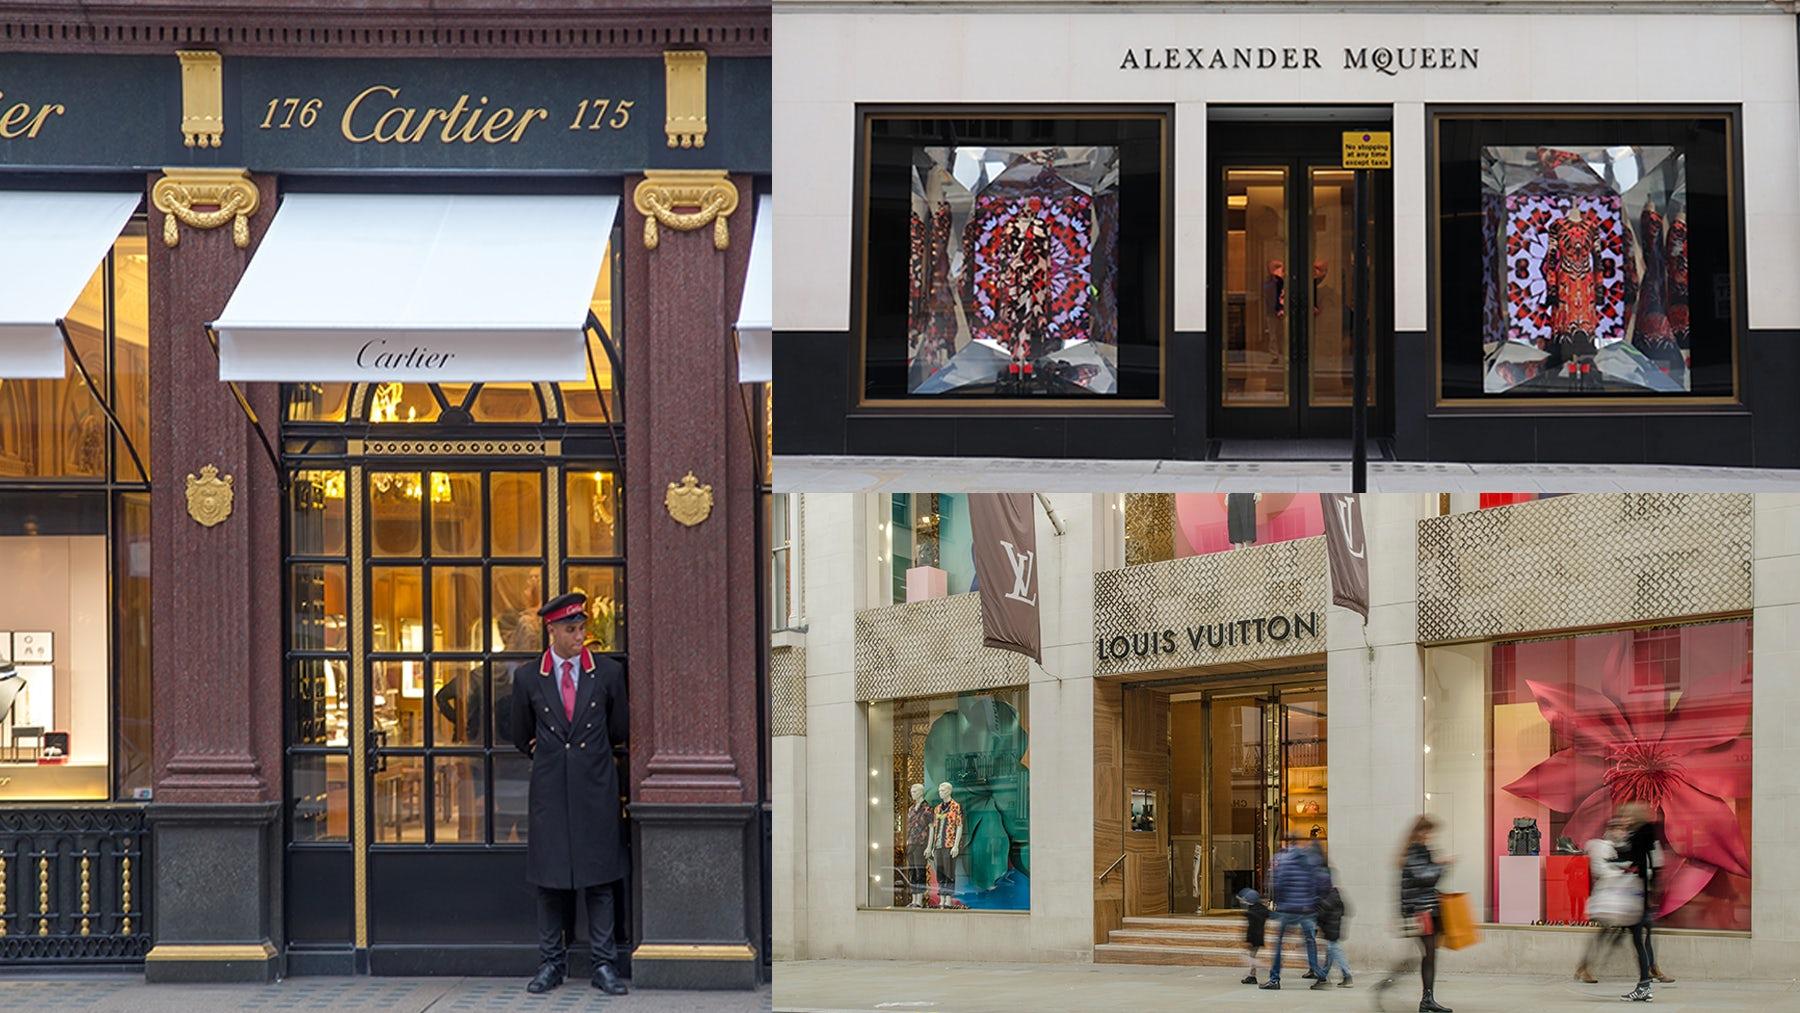 Cartier, Alexander McQueen and Louis Vuitton stores on Bond Street | Source: Shutterstock